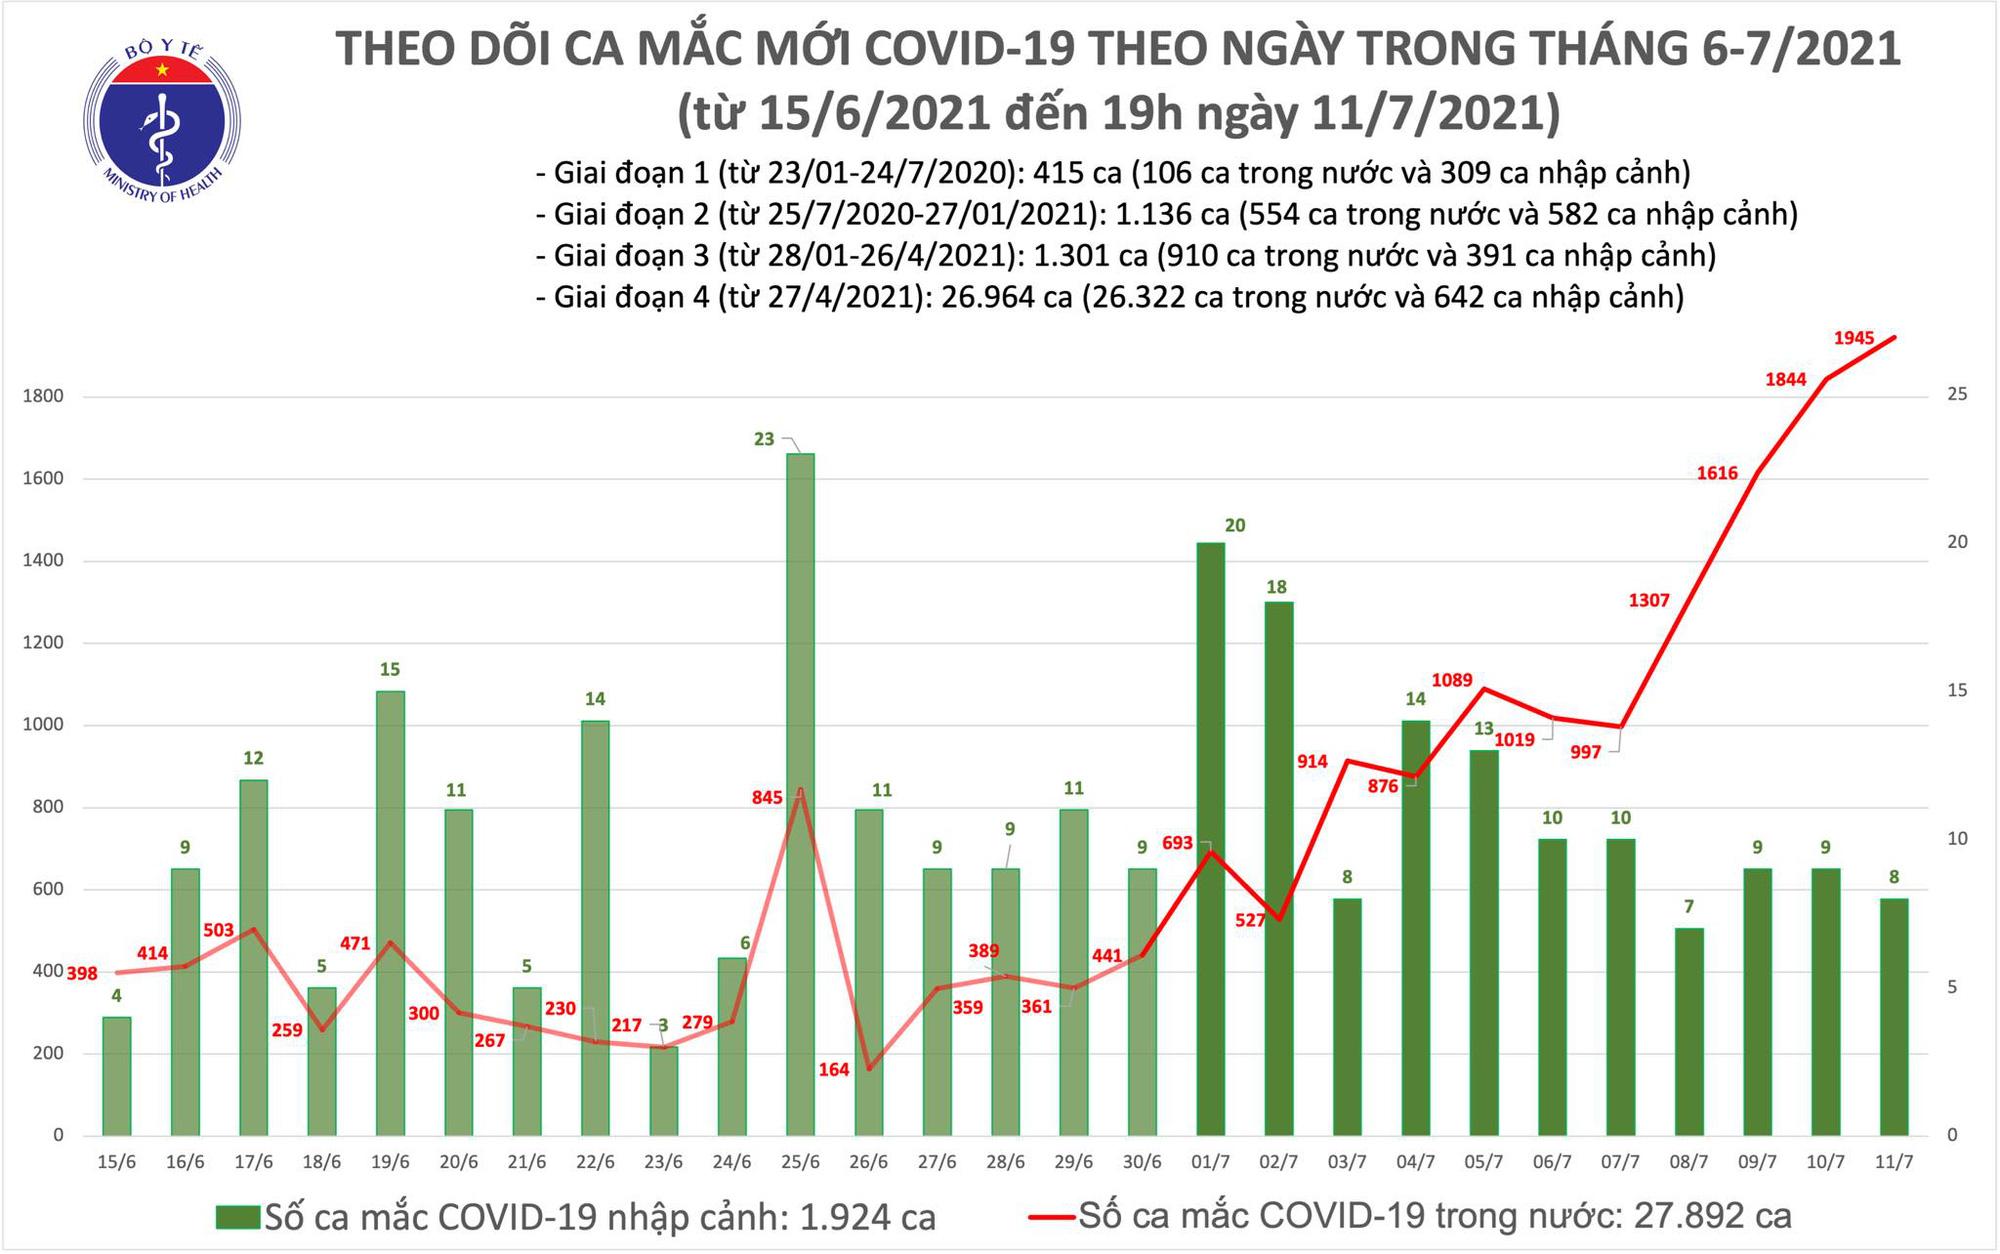 Diễn biến dịch ngày 11/7: TP. HCM thêm 600 ca mắc mới   - Ảnh 9.